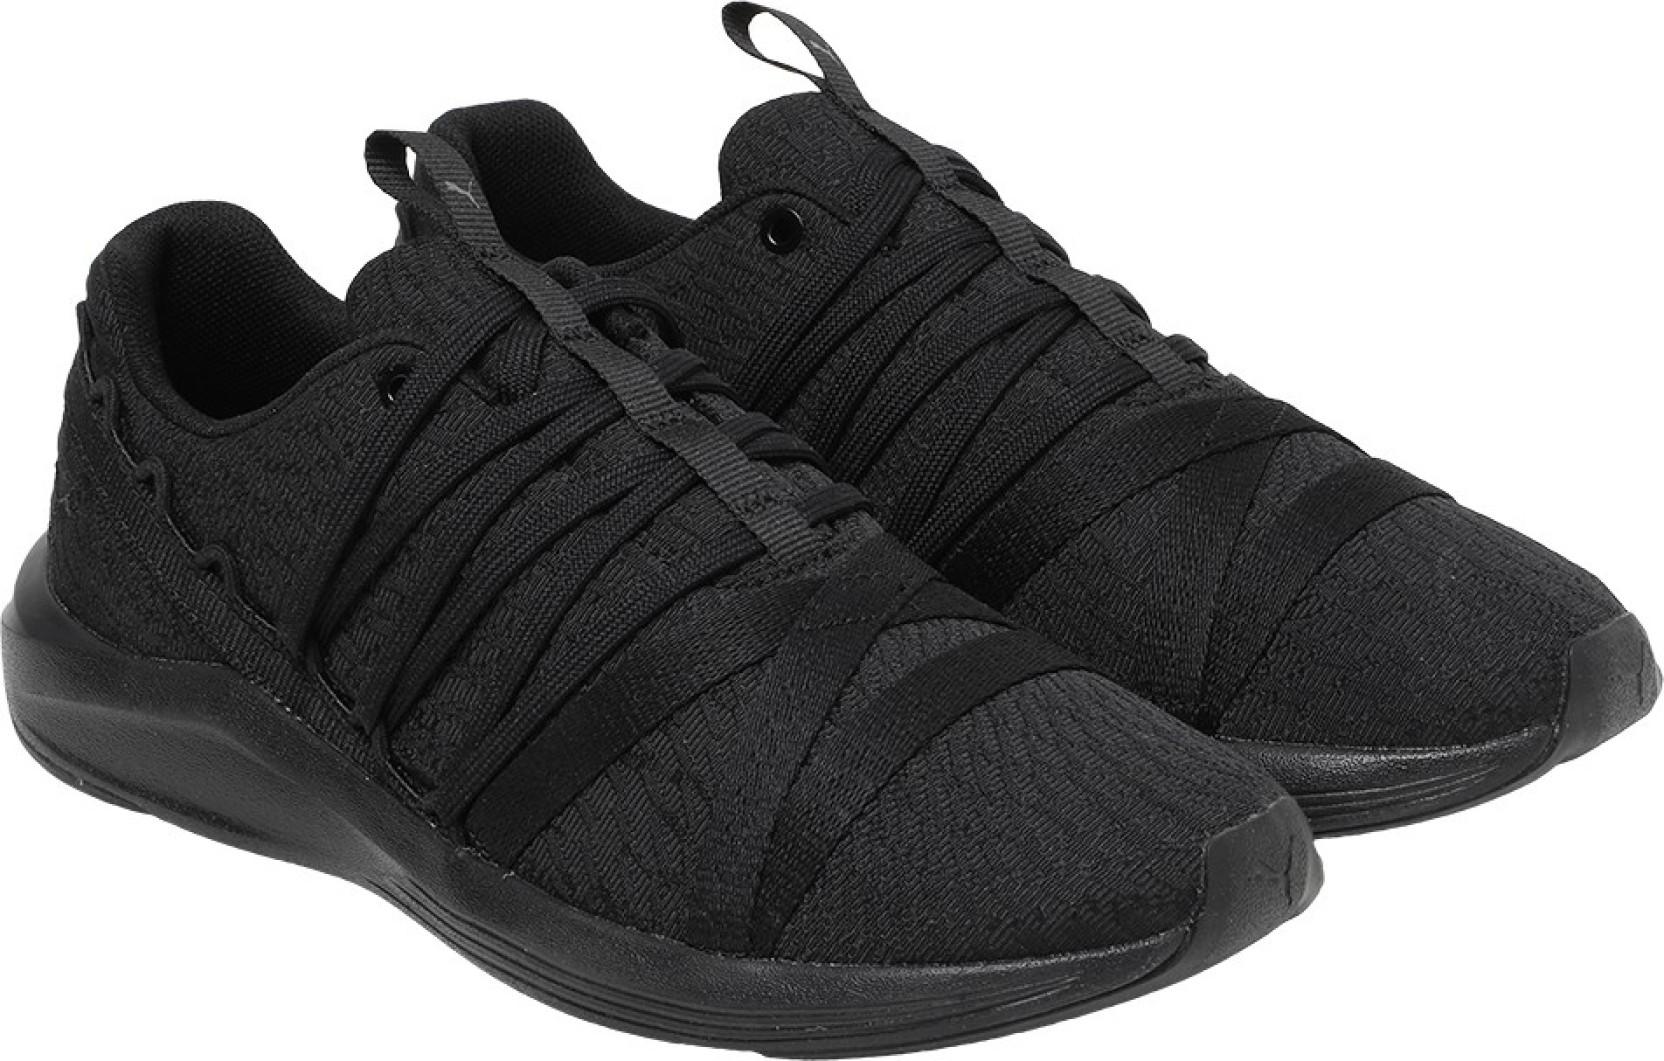 Puma Prowl Alt 2 Wn s Training   Gym Shoes For Women - Buy Puma ... e42e290ce